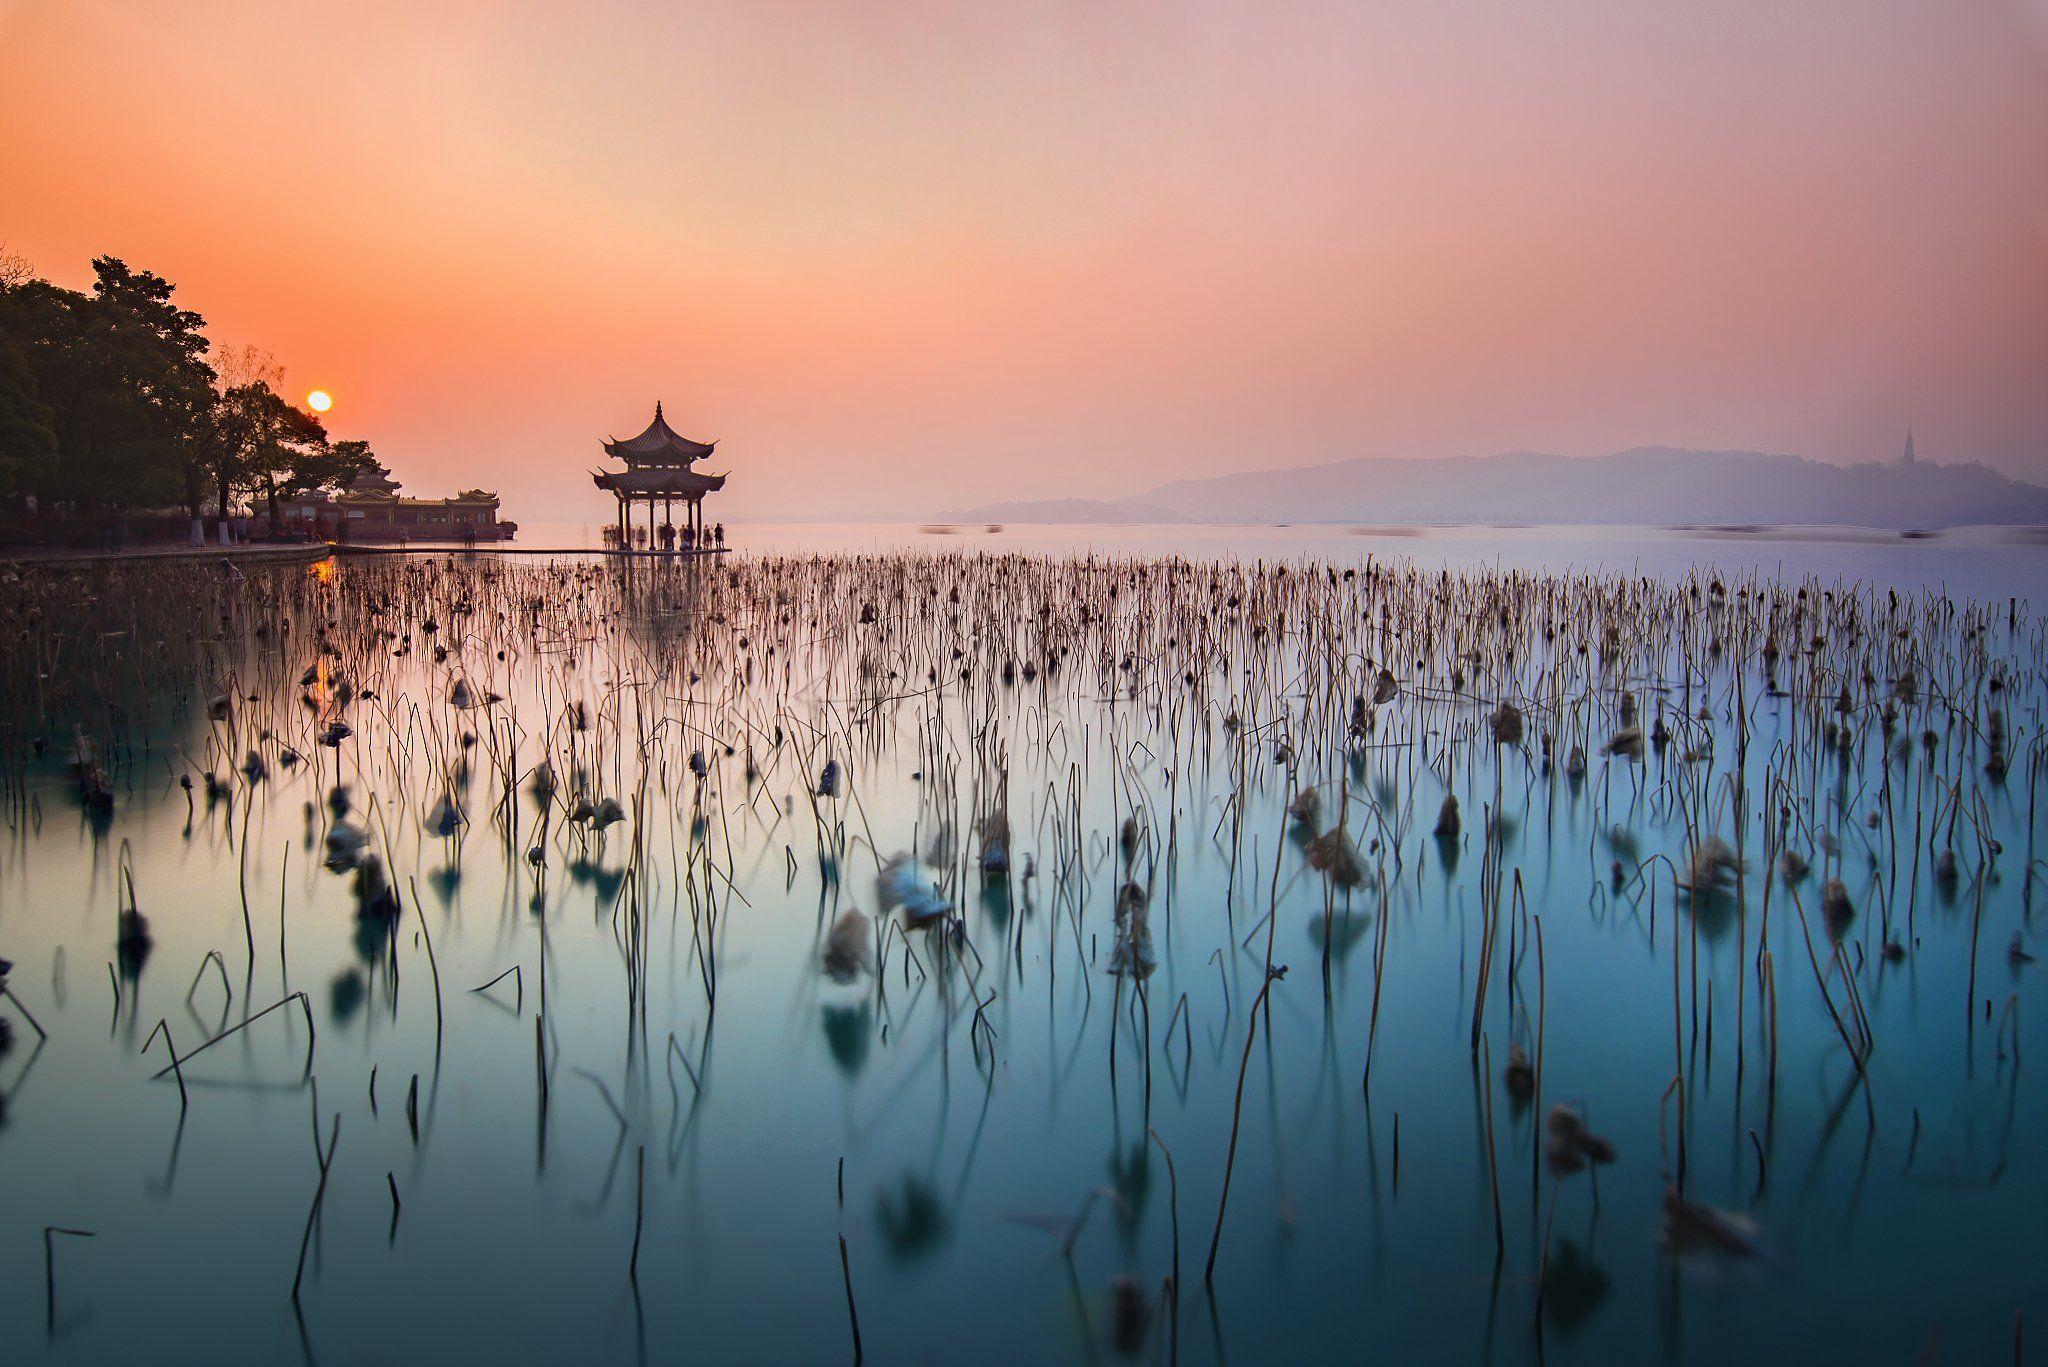 sunset, pagoda, winter, lotus, colour, westlake, long exposure, Derek Zhang